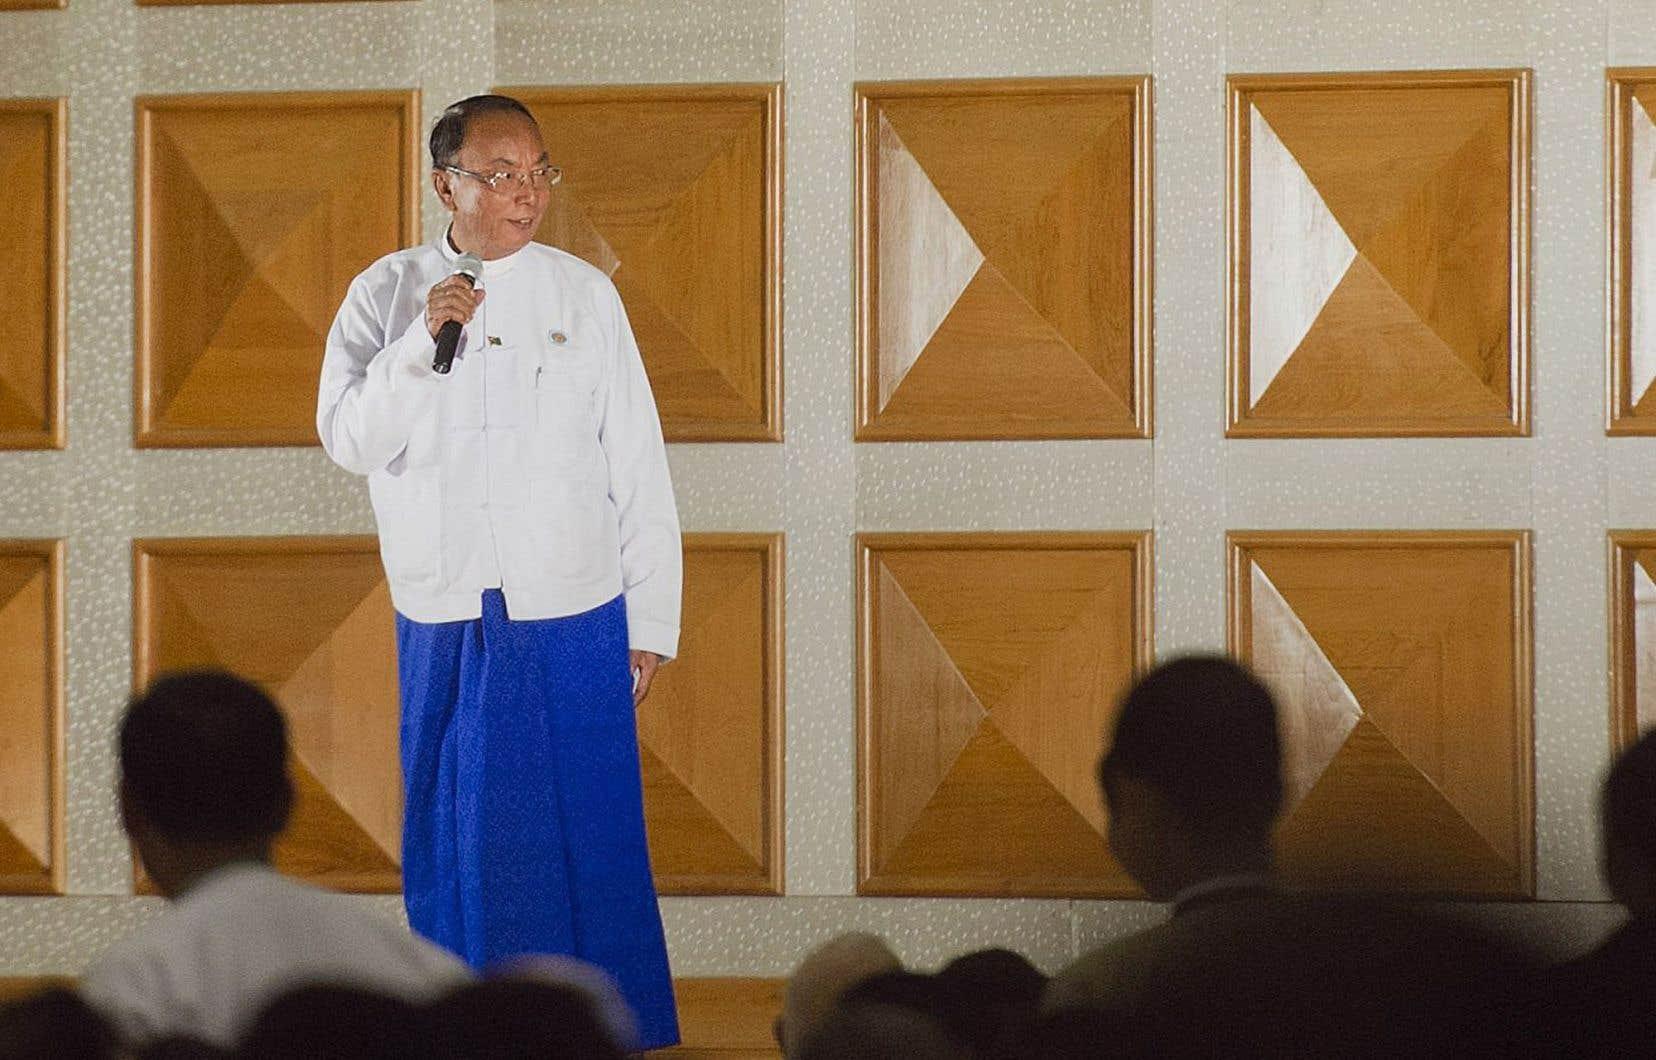 En ouvrant la cérémonie d'adieu du Parlement birman, le président USDP de la Chambre haute, Khin Aung Myint, s'est montré très jovial.